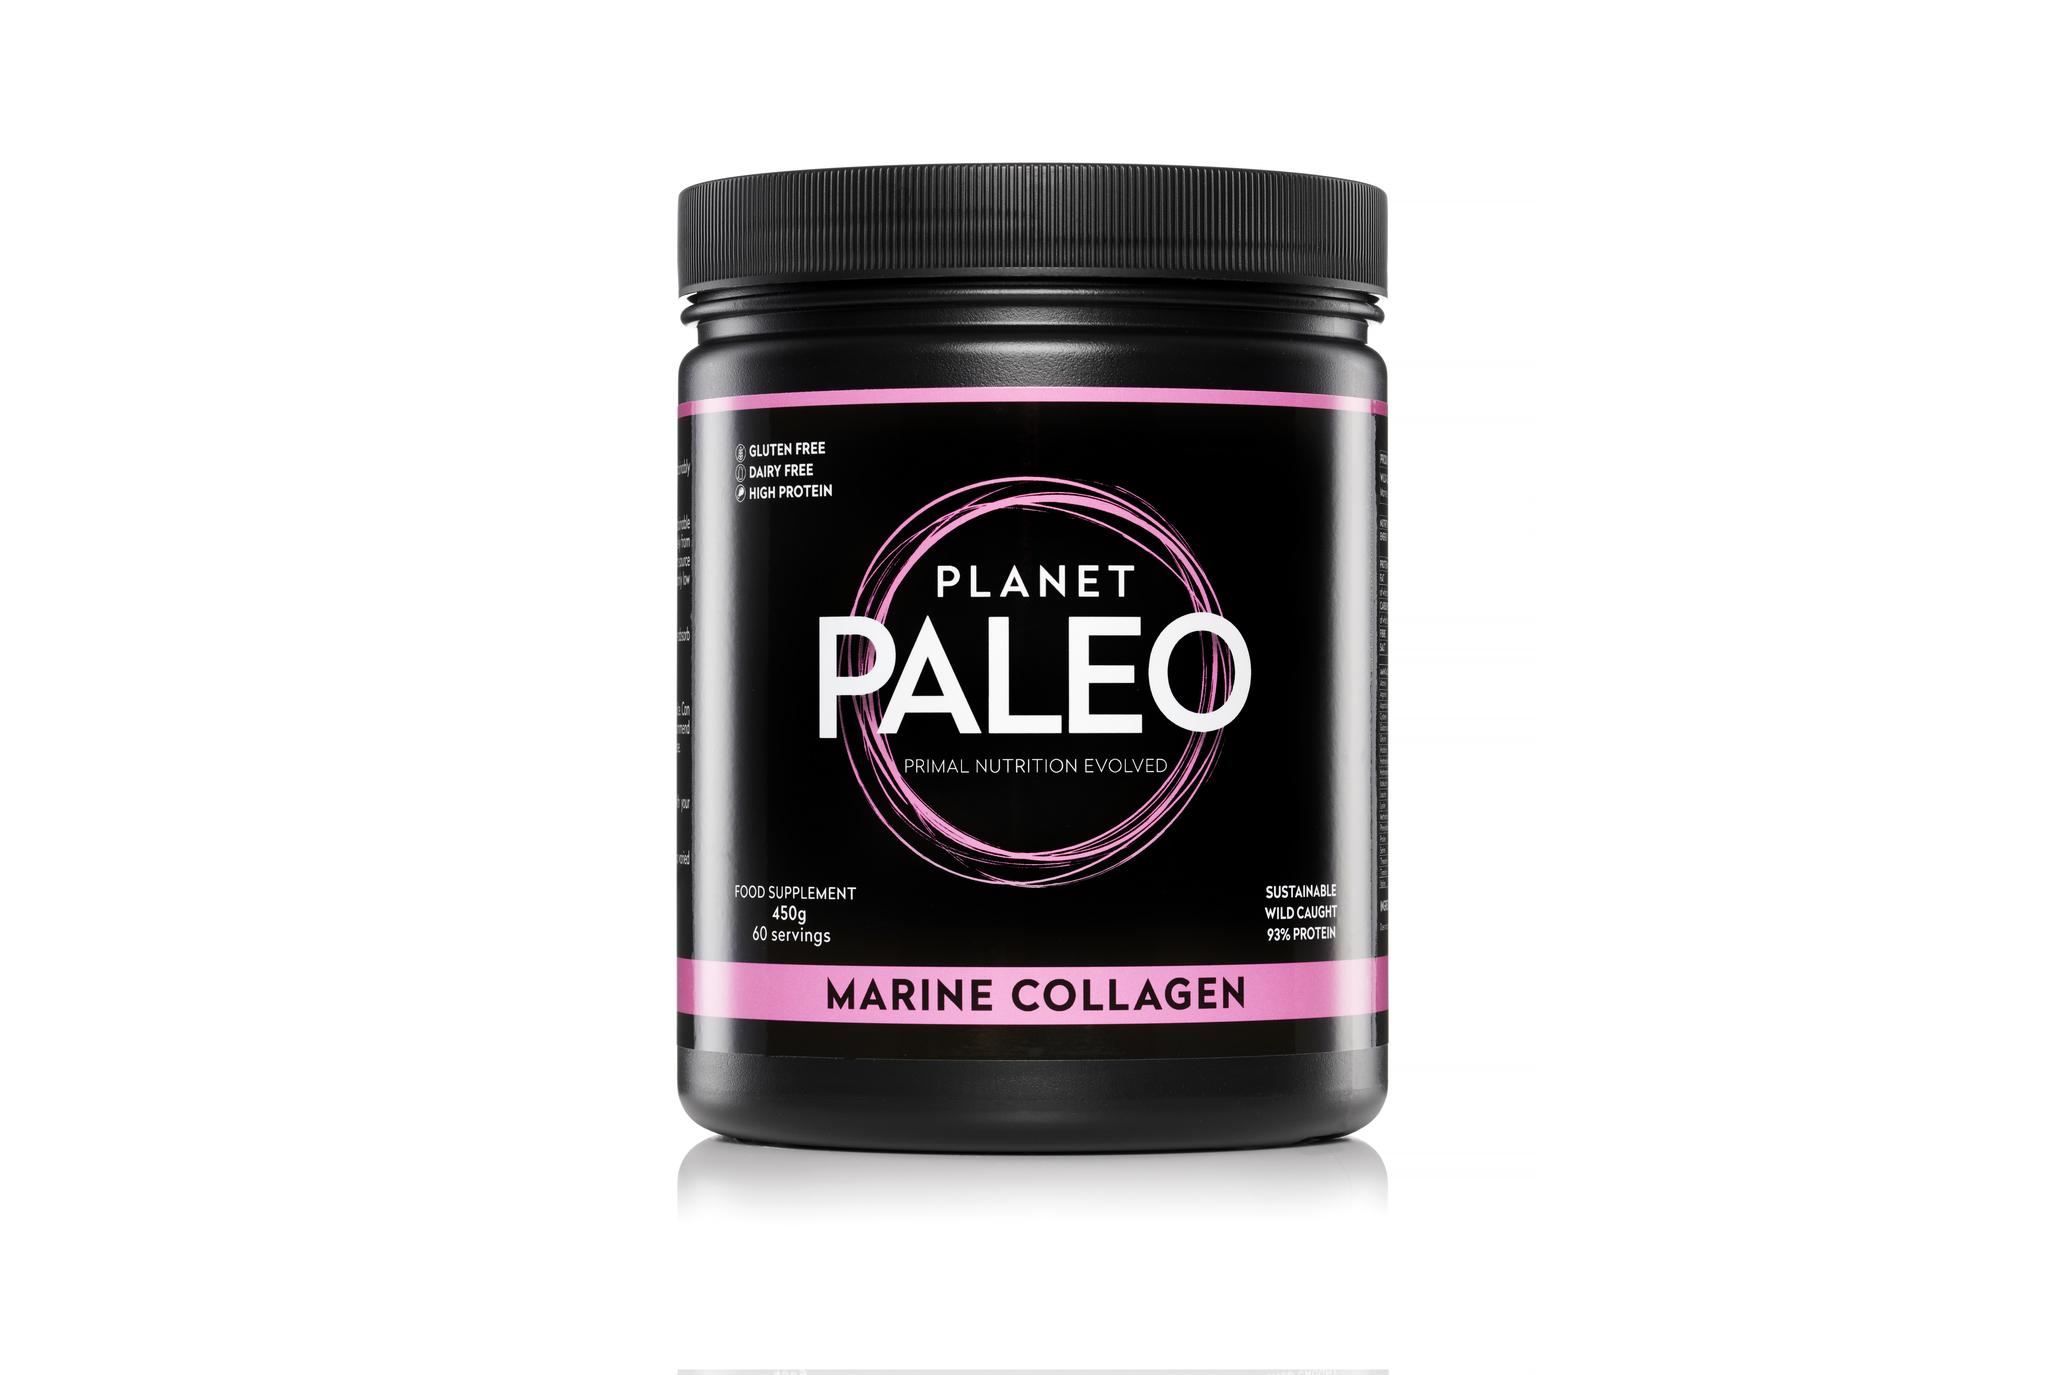 Marine Collagen 450g